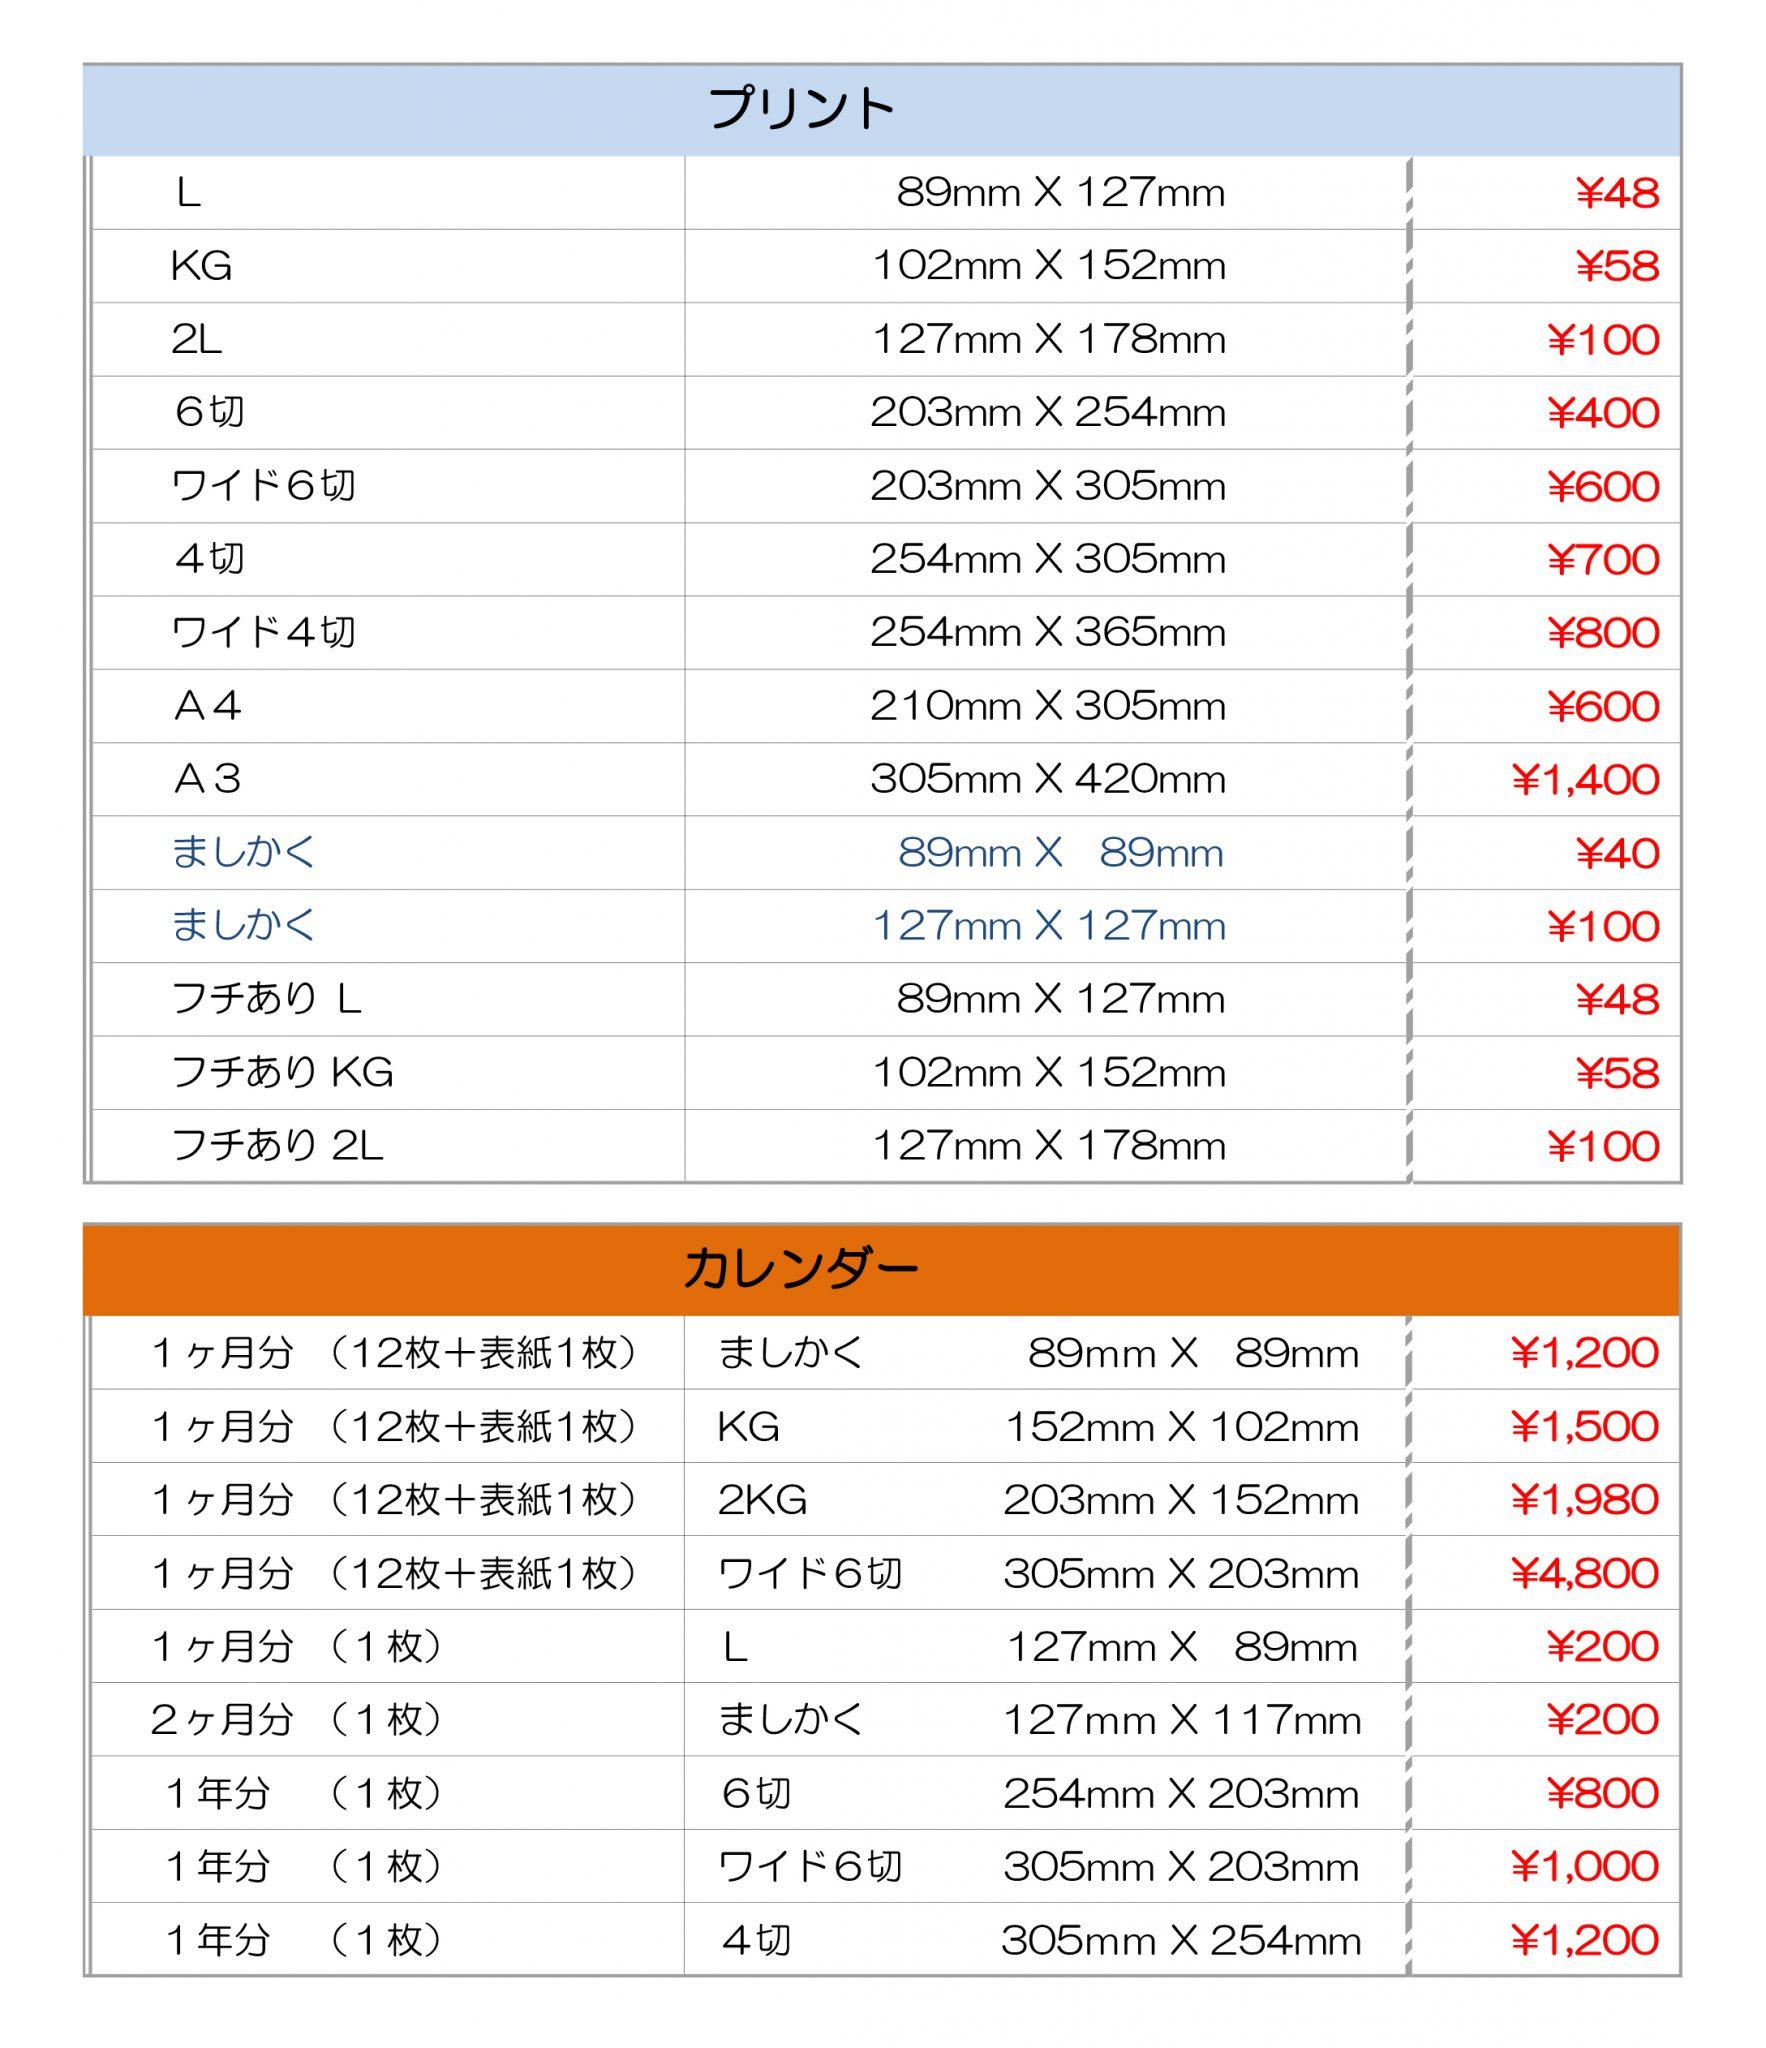 スマートピクチャーのプリント&カレンダーの価格